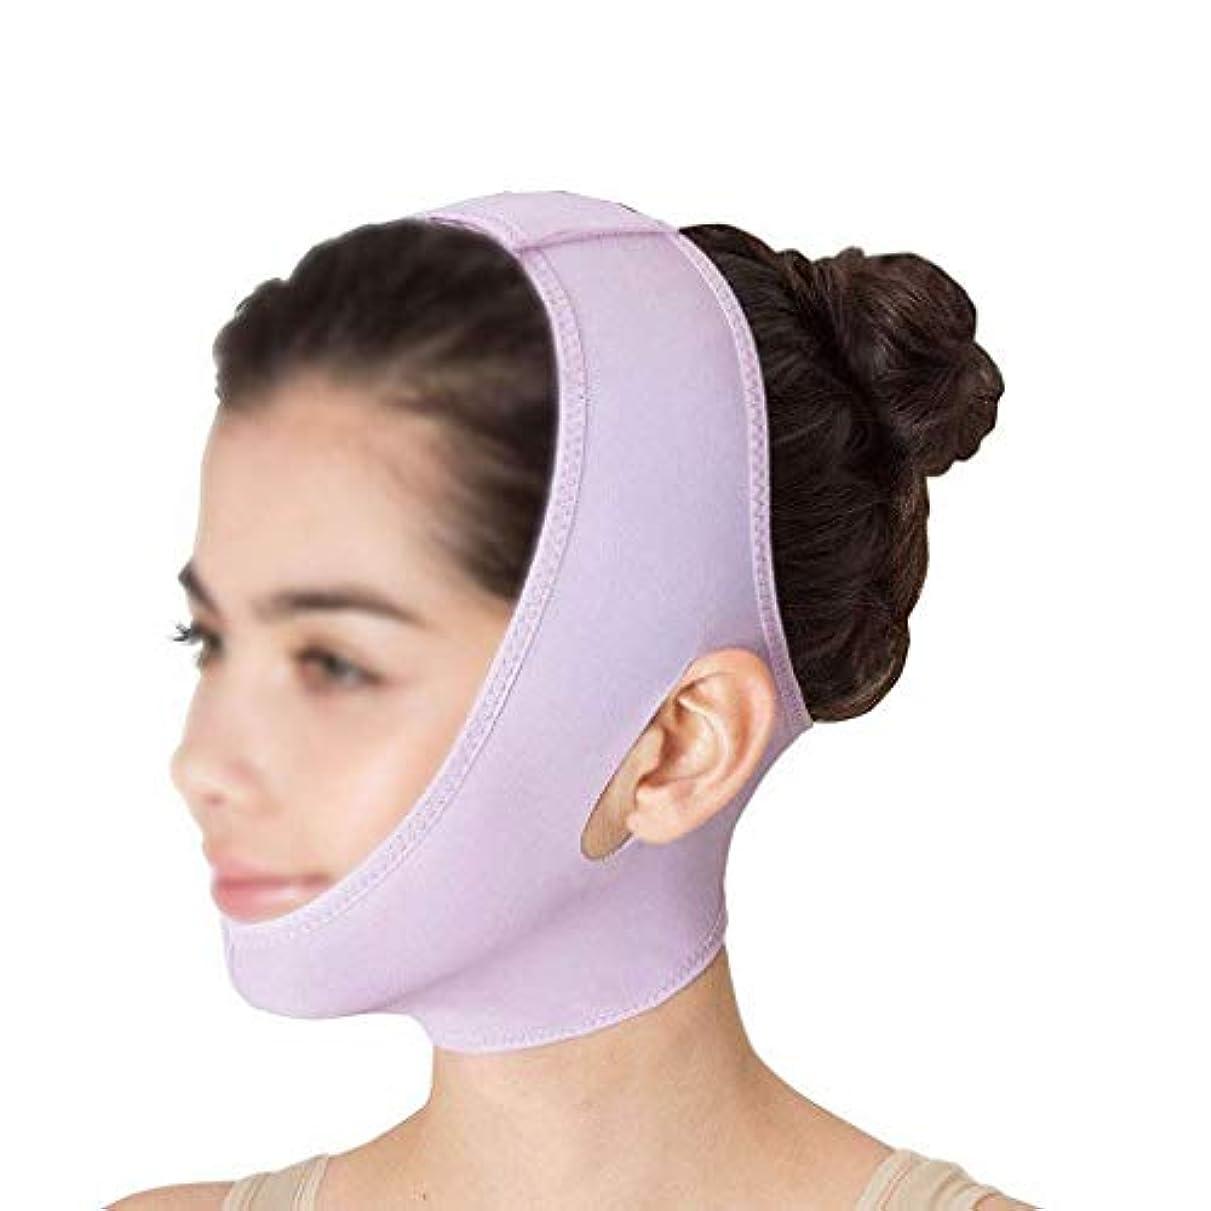 シエスタピースエアコン薄いフェイスマスク ビームフェイス、薄いダブルチンでスリーピングマスクの下の頬を防ぎ、小さなVフェイスを作成